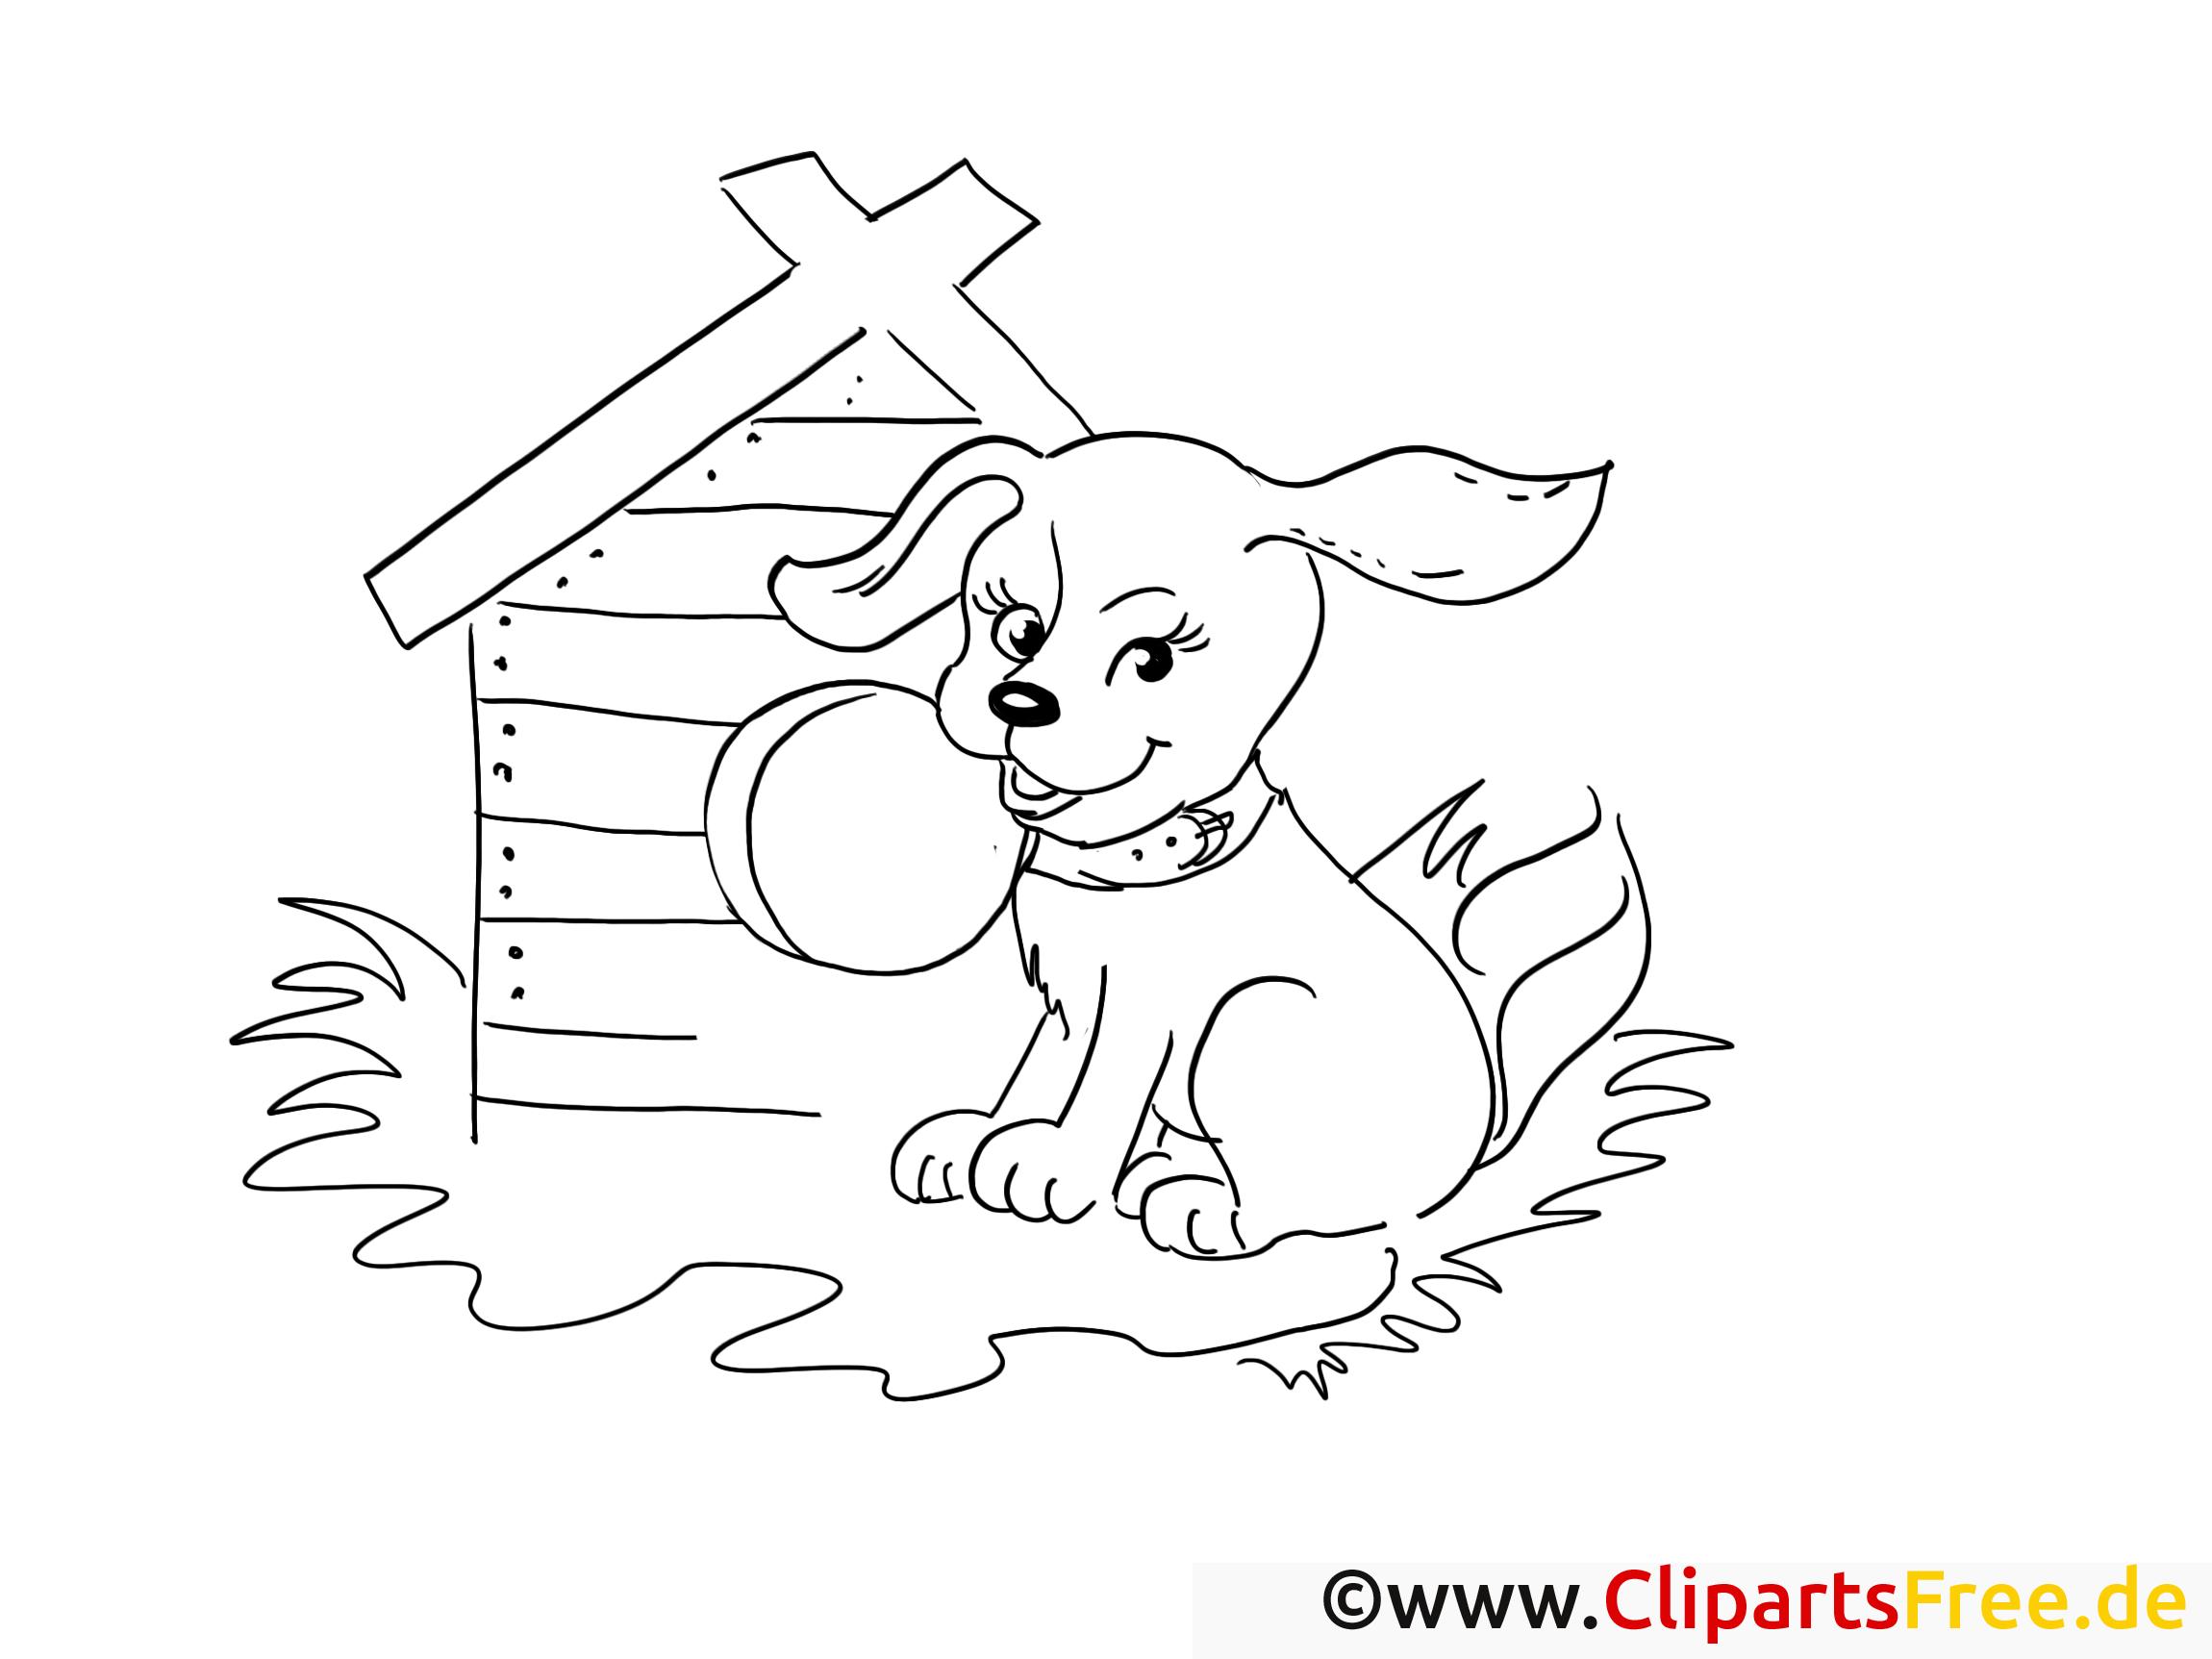 Kostenlose Ausmalvorlage Hund auf dem Hof